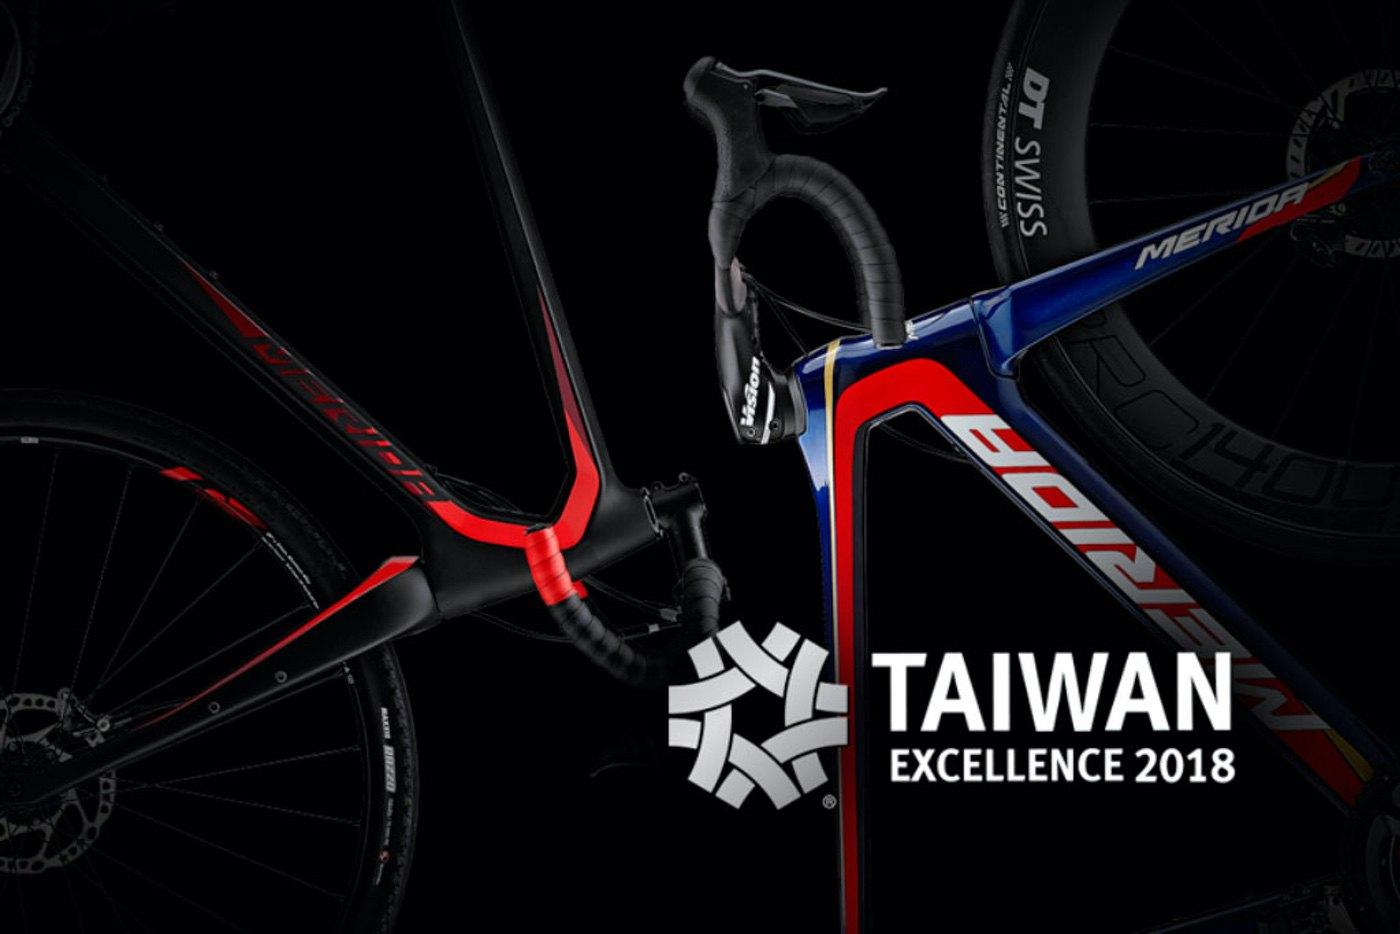 Merida Bikes se lleva la plata en los Premios Taiwan Excellence 2018